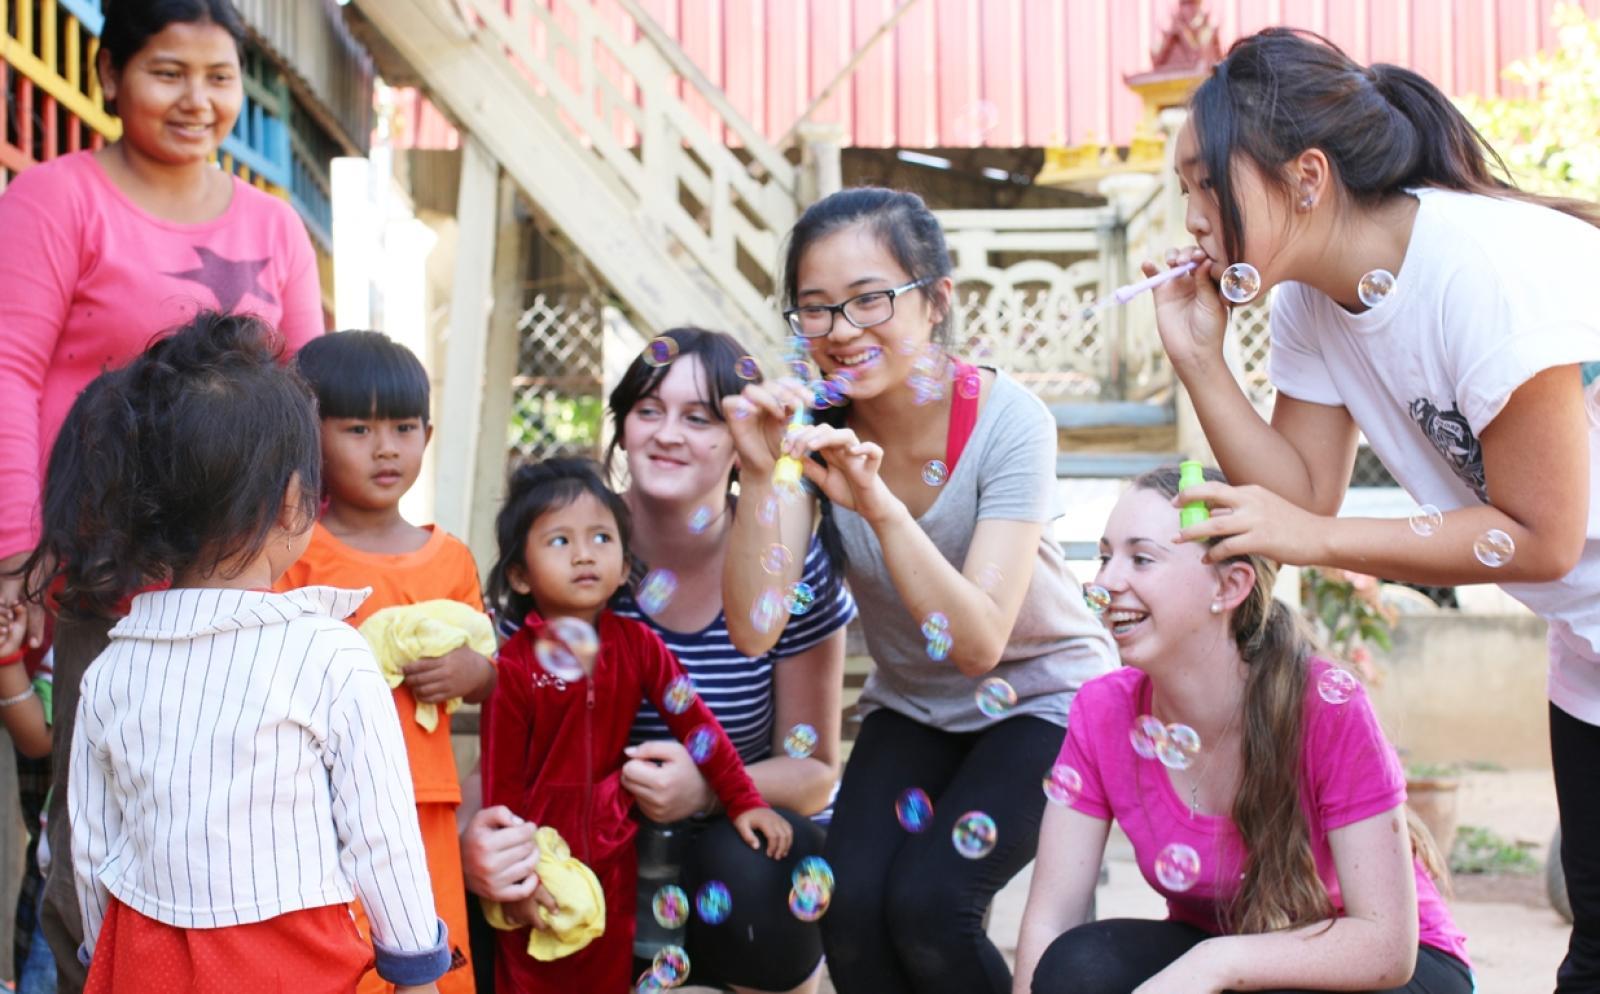 シャボン玉で一緒に遊ぶチャイルドケアボランティアとカンボジアの子供たち